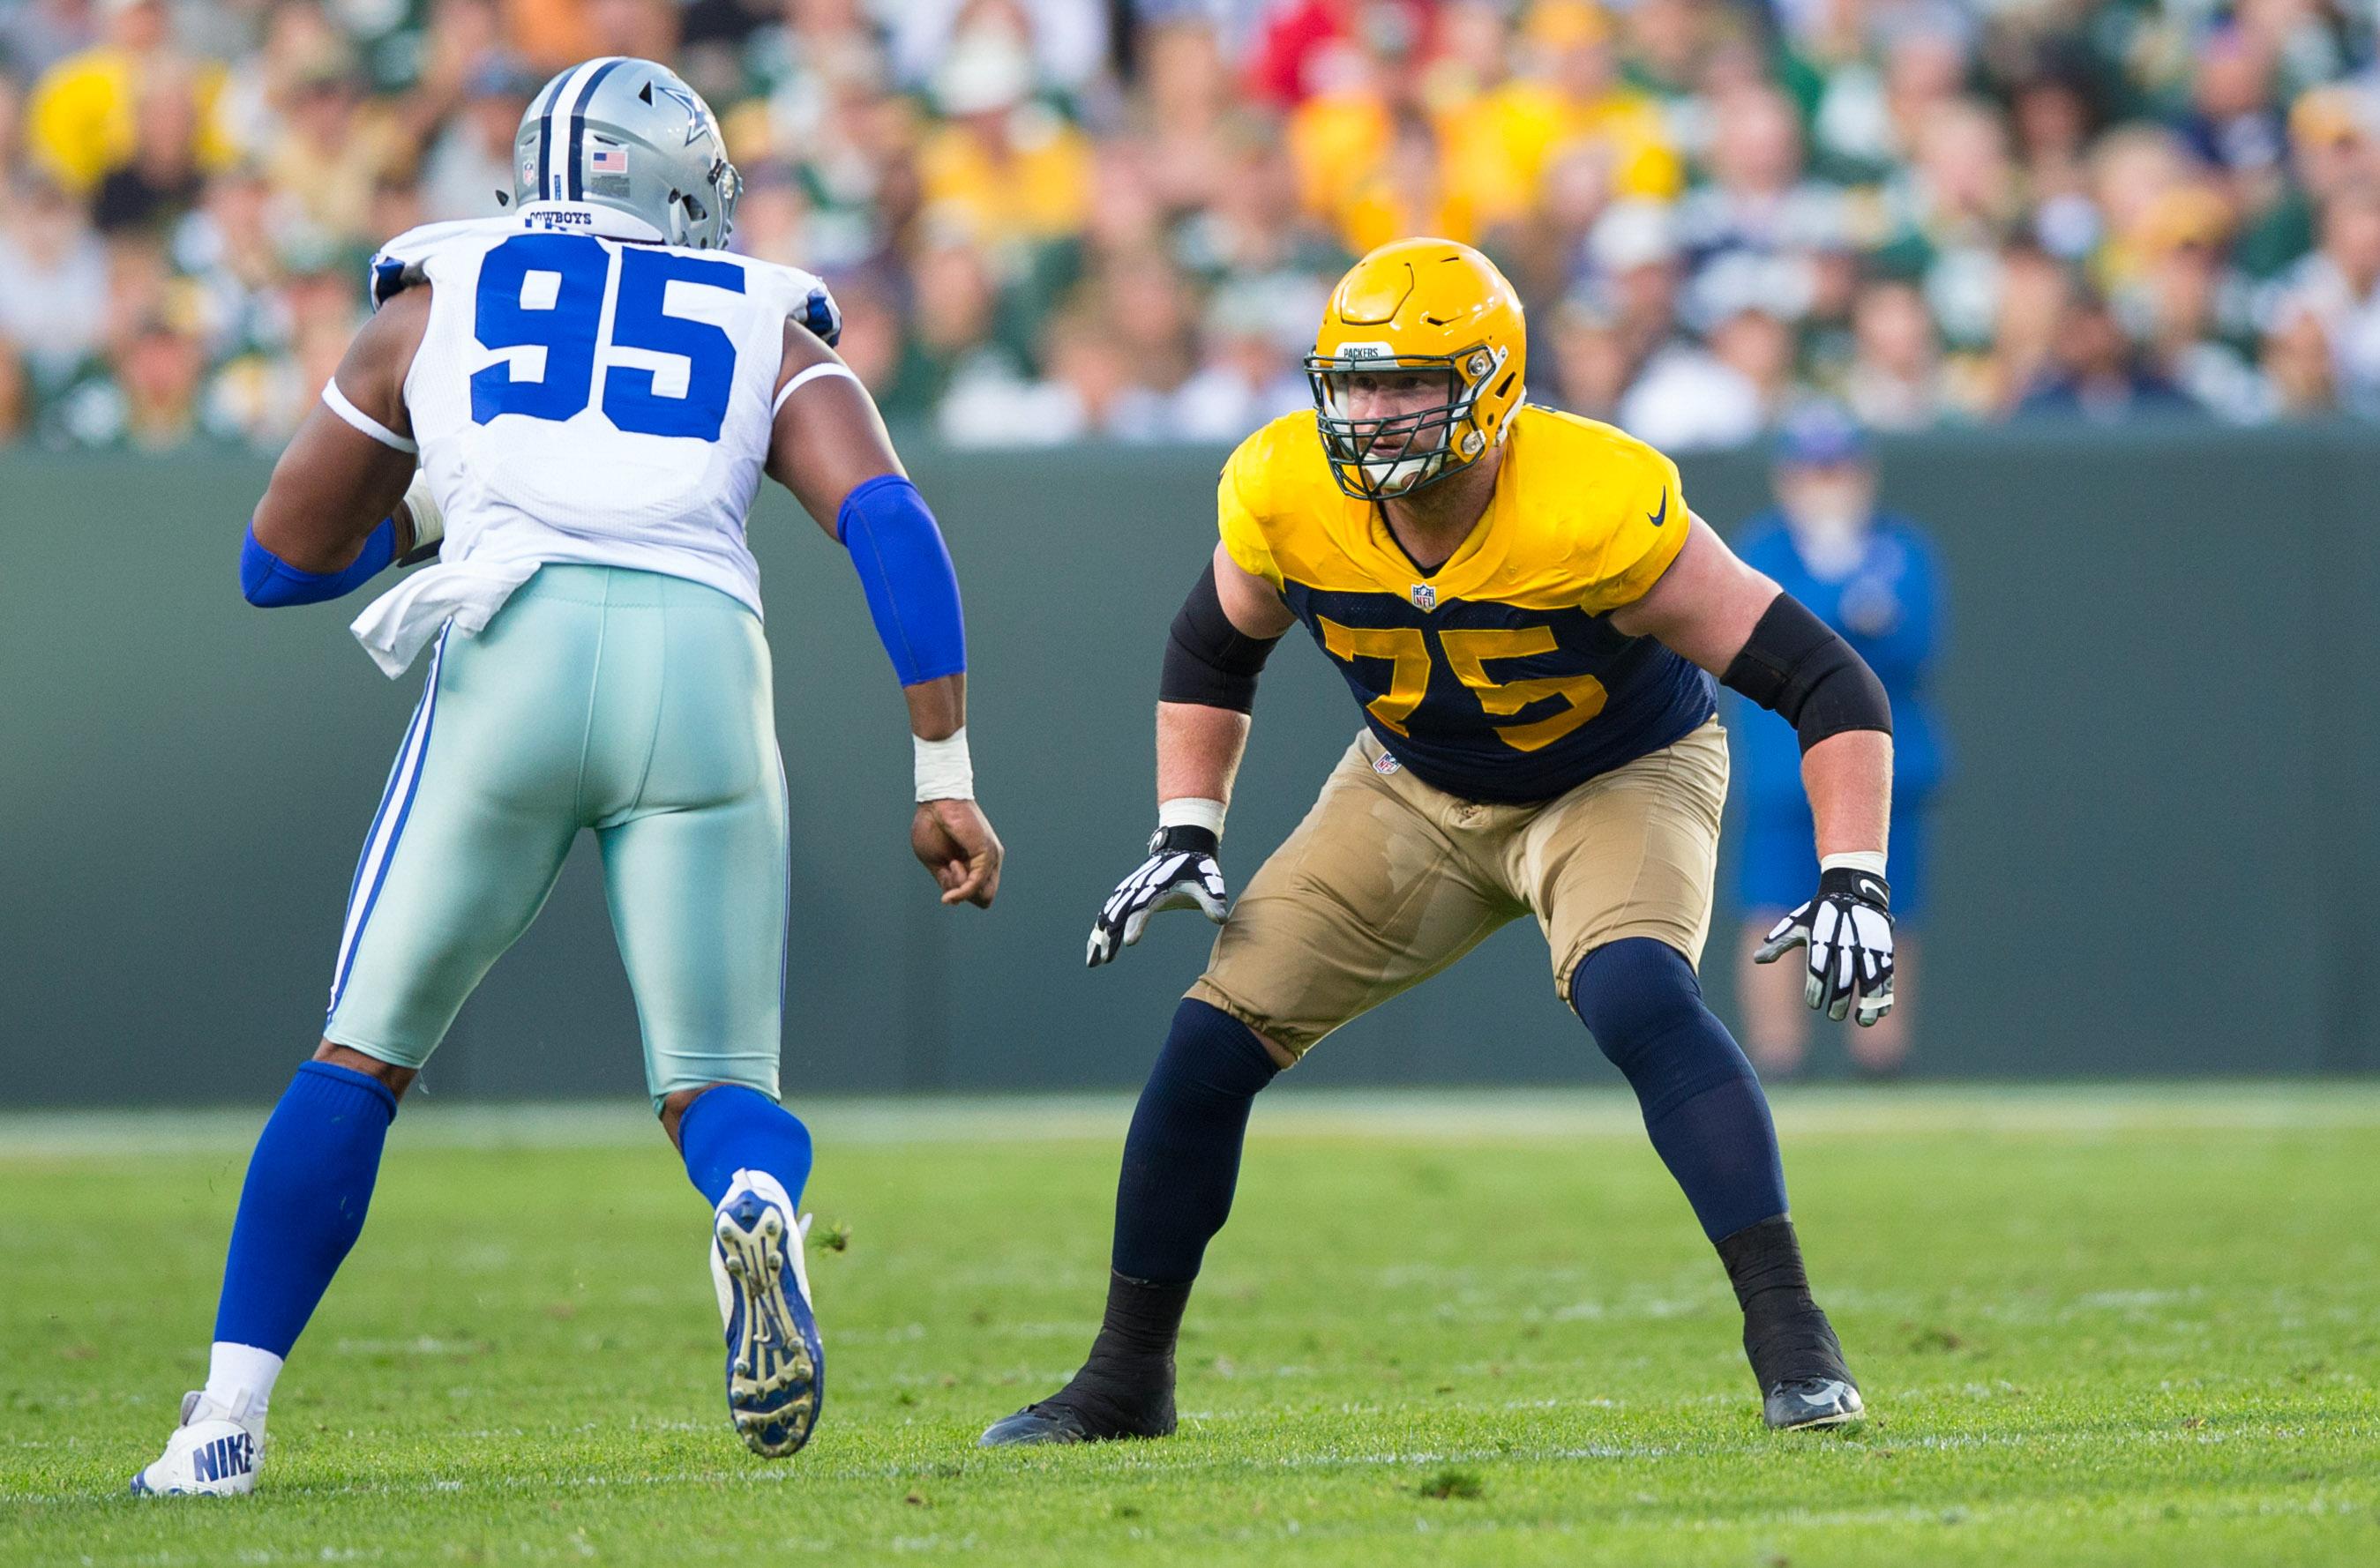 NFL: Dallas Cowboys at Green Bay Packers